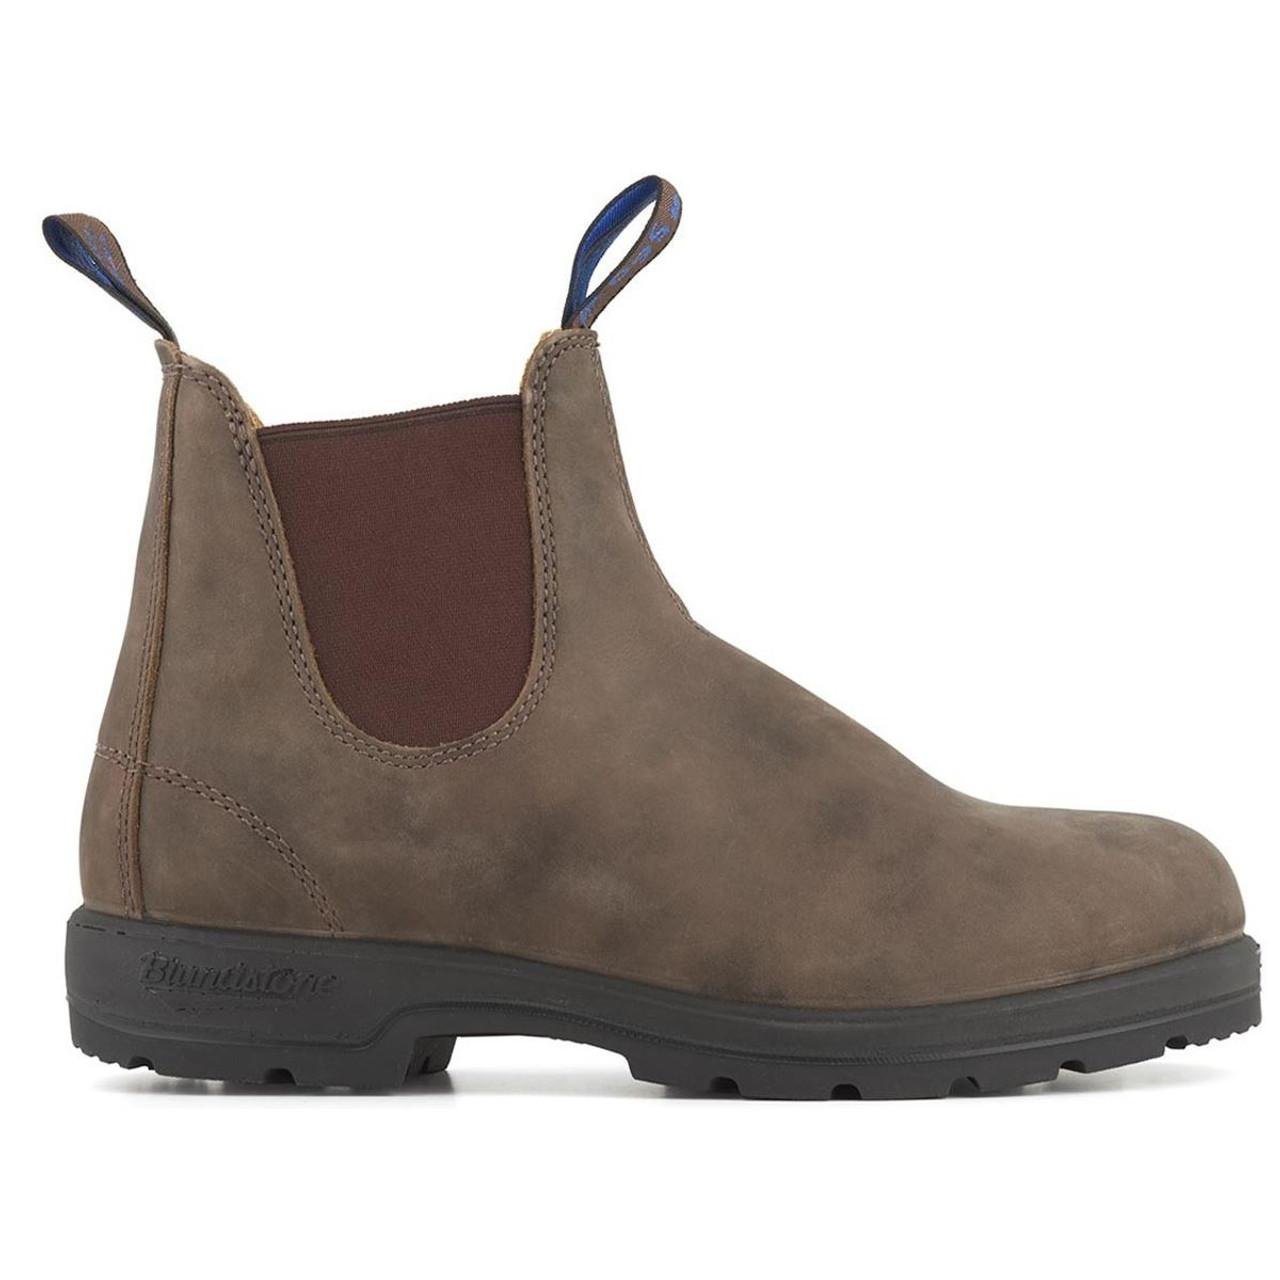 Blundstone Comfort 584 Chelsea Boots